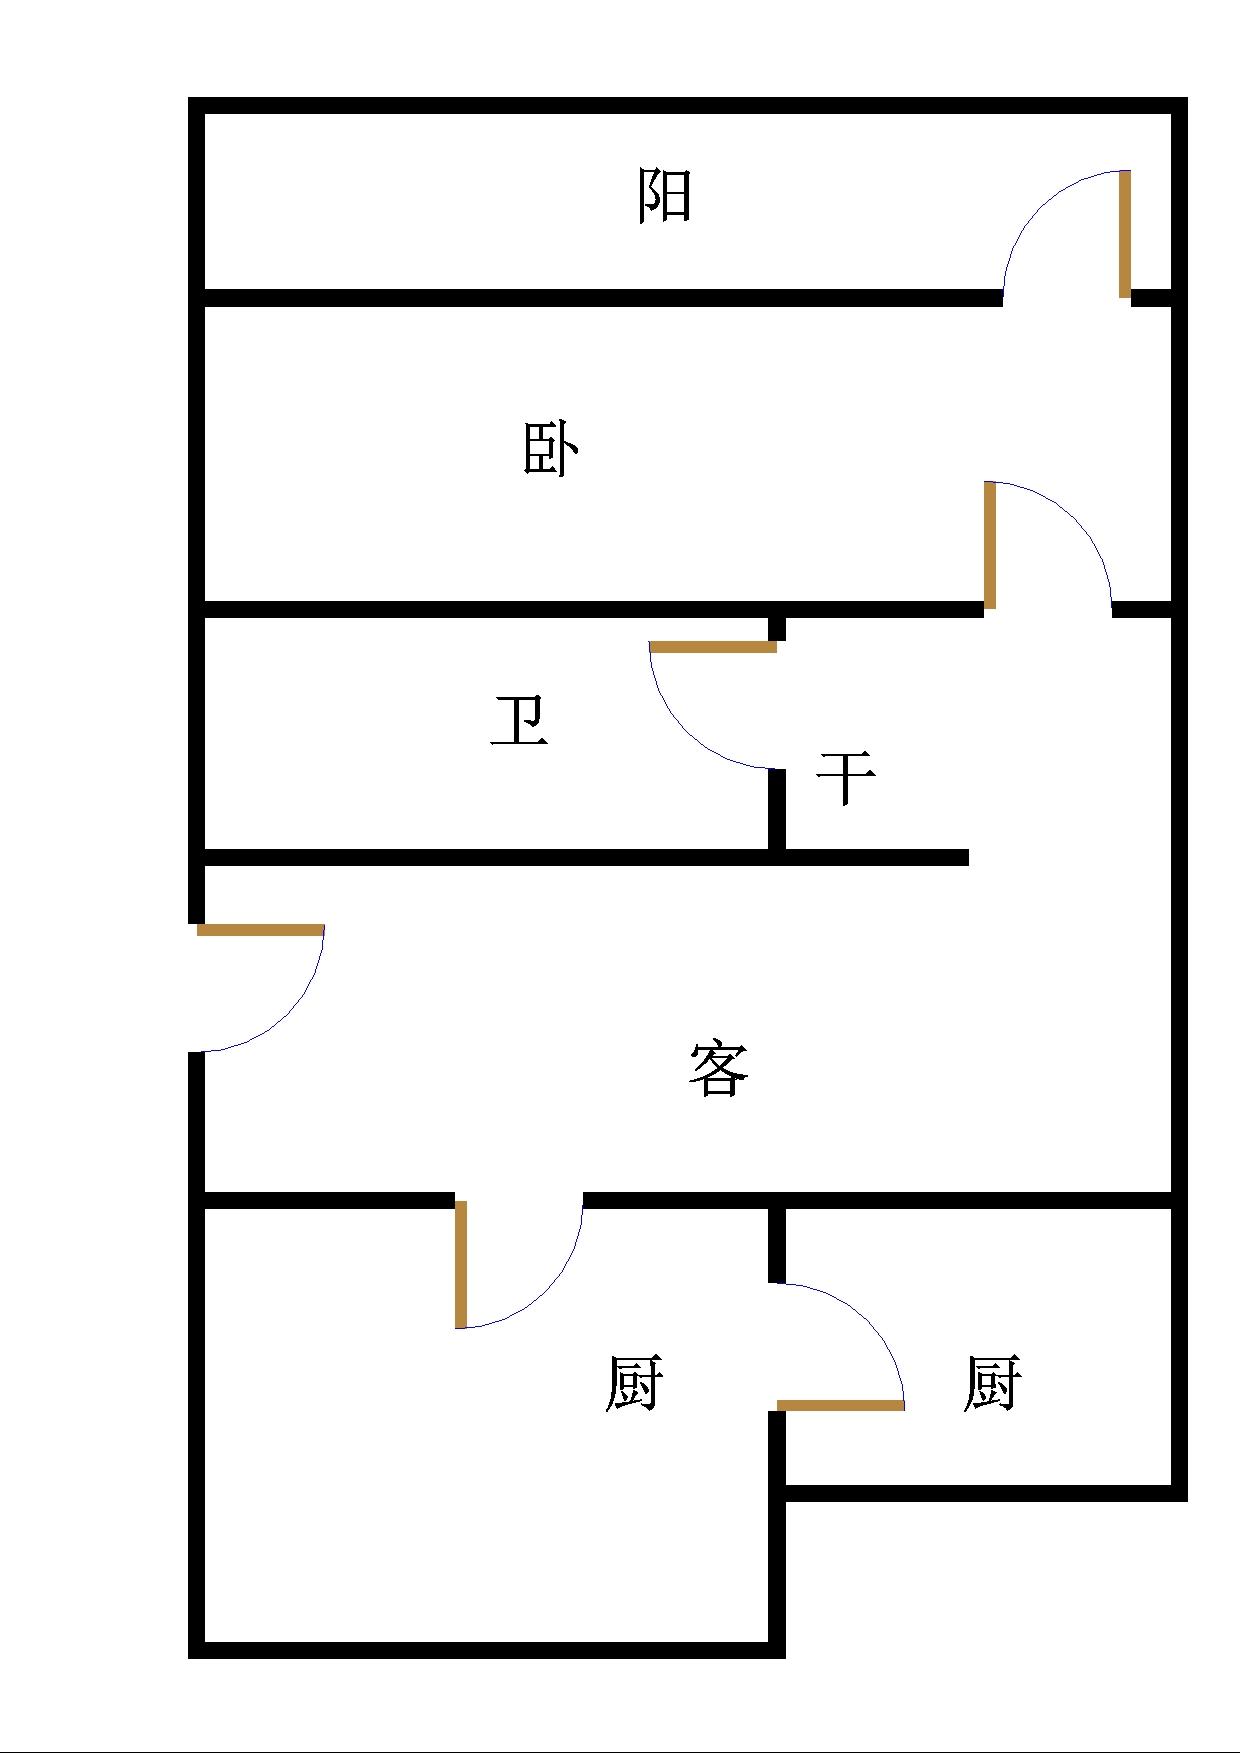 北园小区 1室1厅 2楼